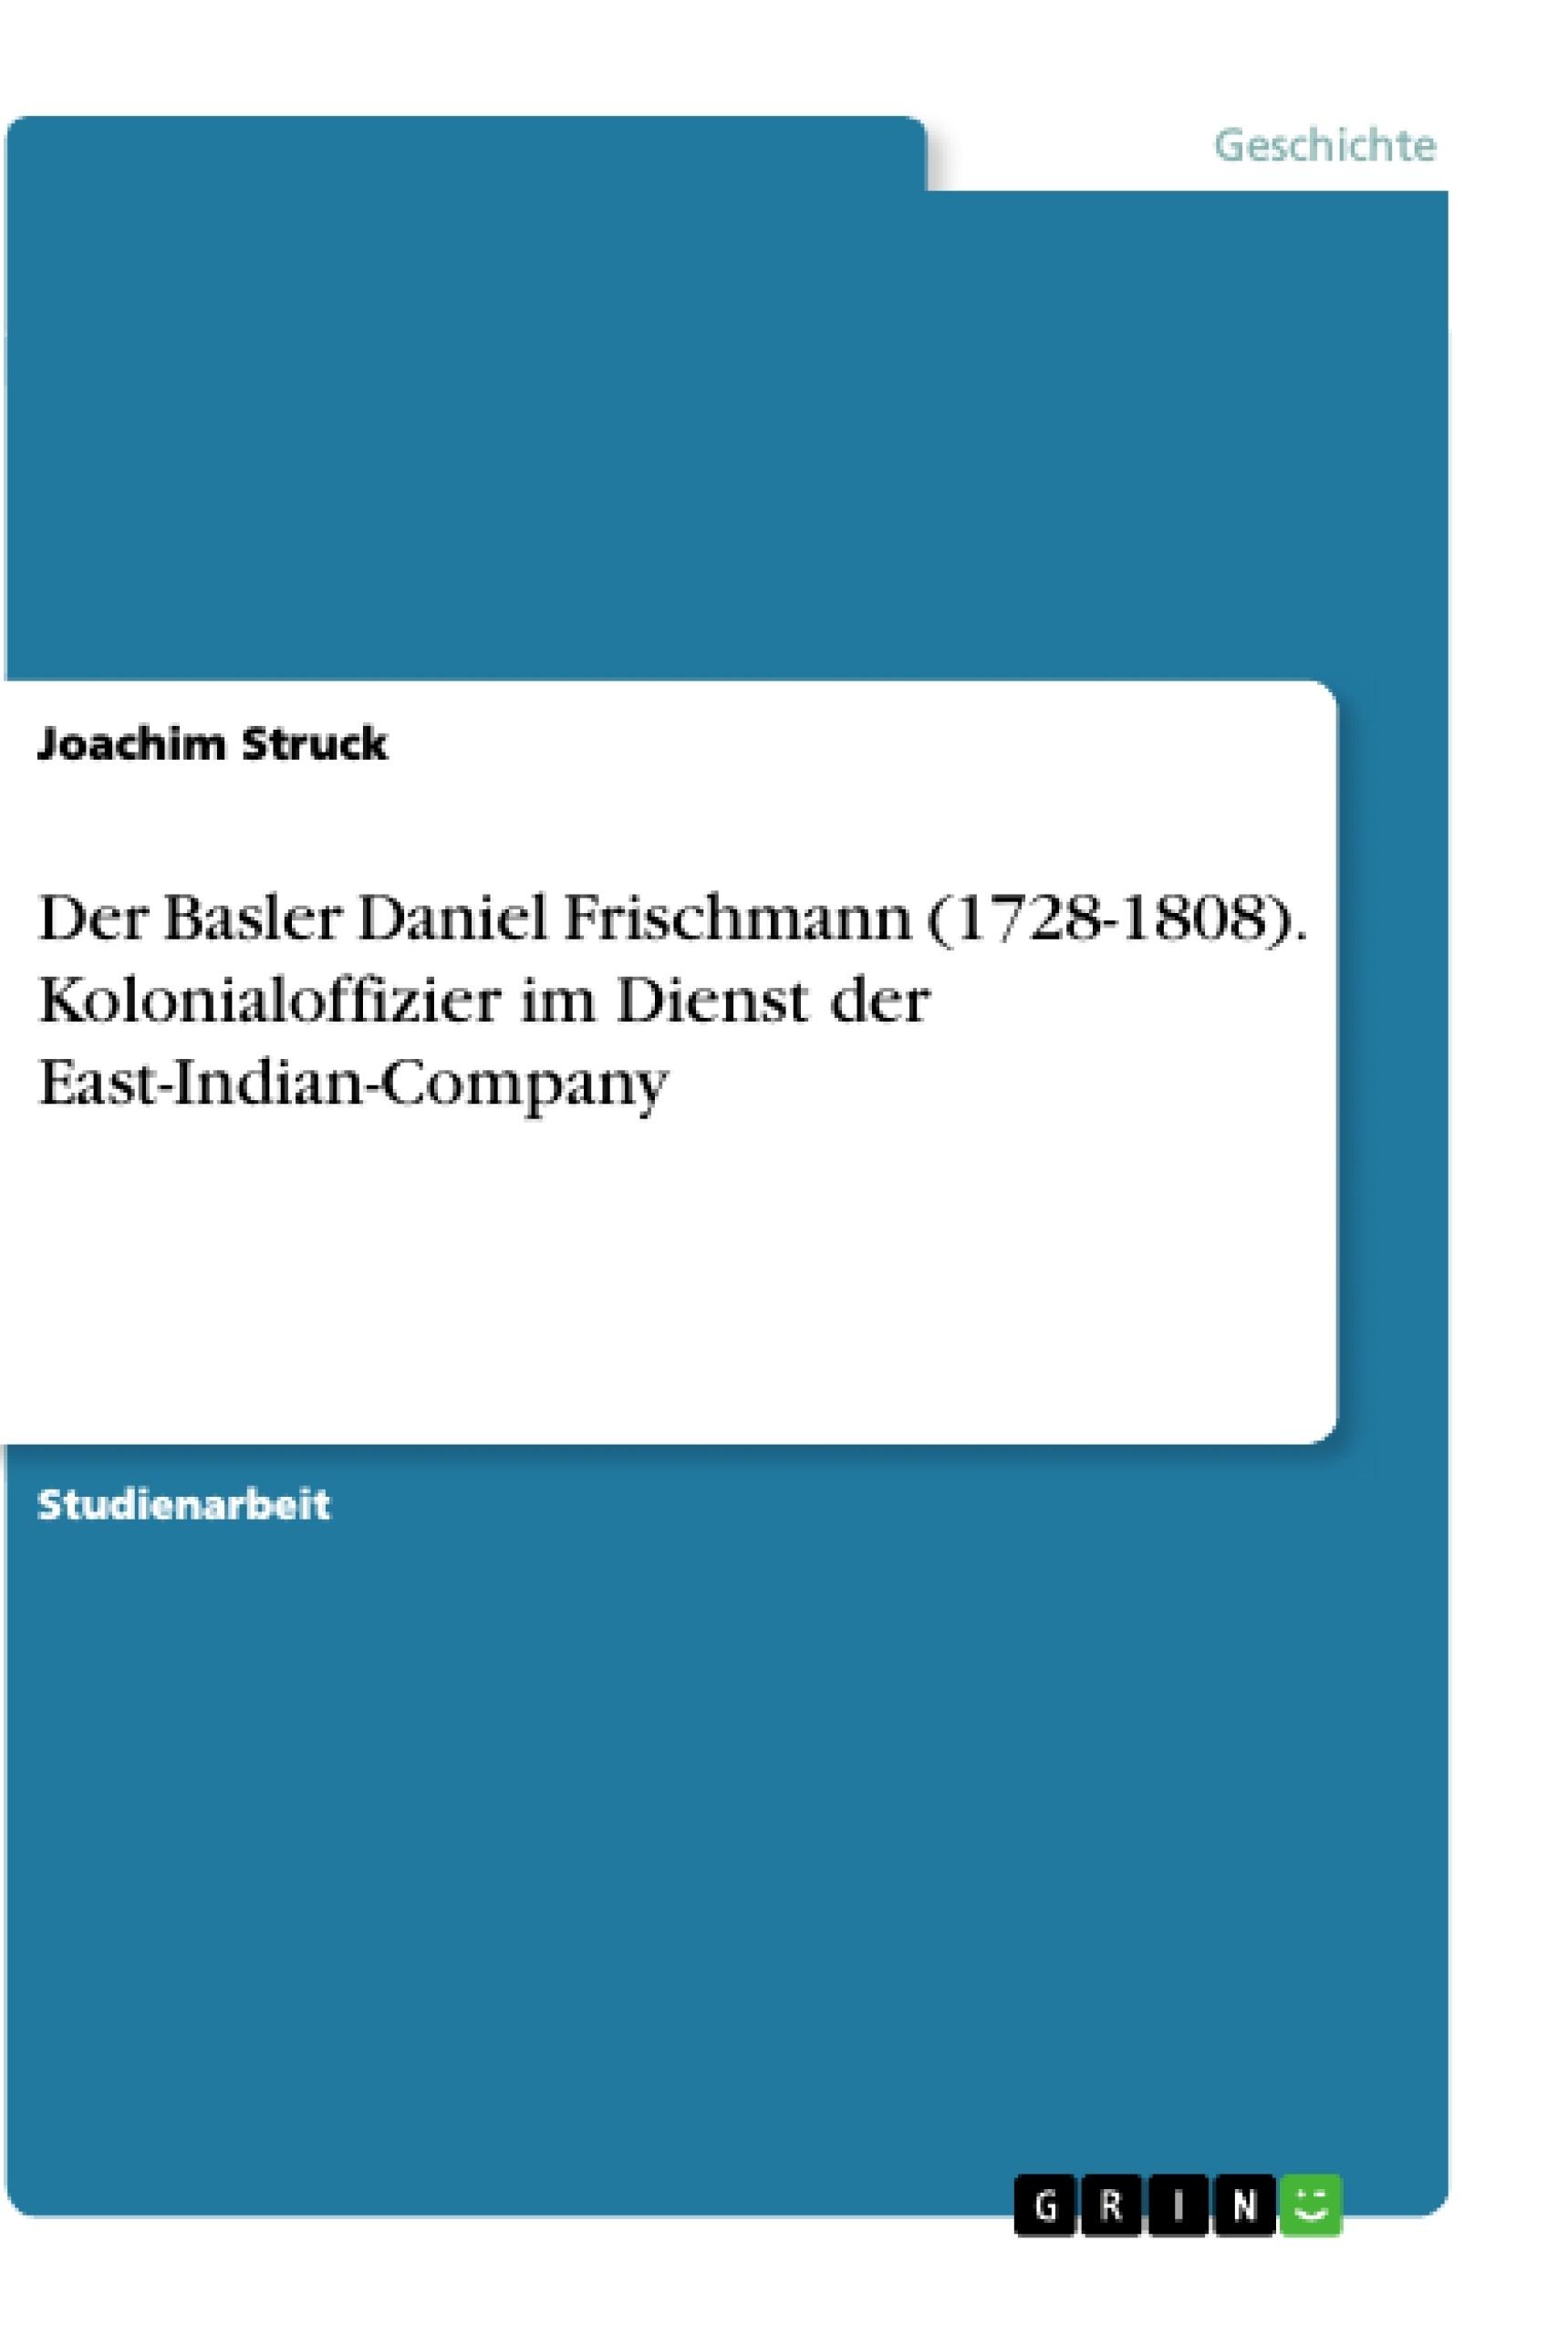 Titel: Der Basler Daniel Frischmann (1728-1808). Kolonialoffizier im Dienst der East-Indian-Company